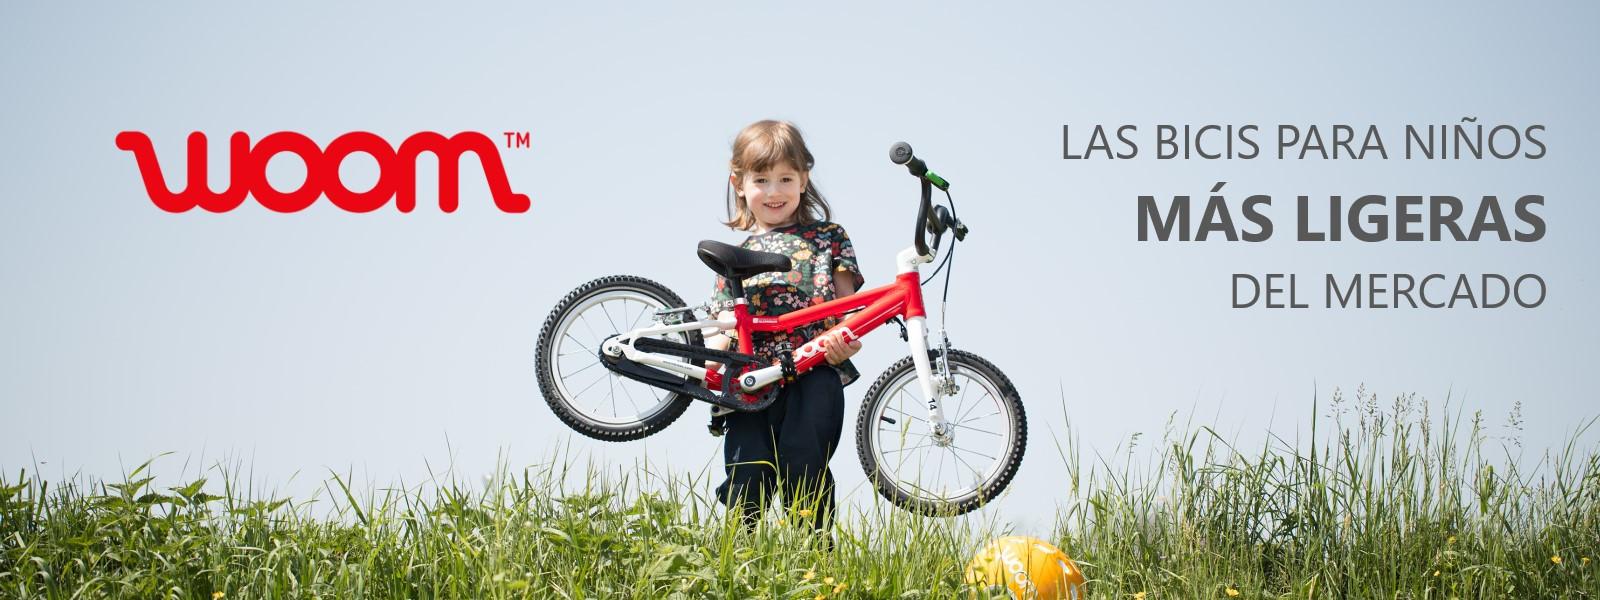 Las bicicletas infantiles más ligeras del mercado